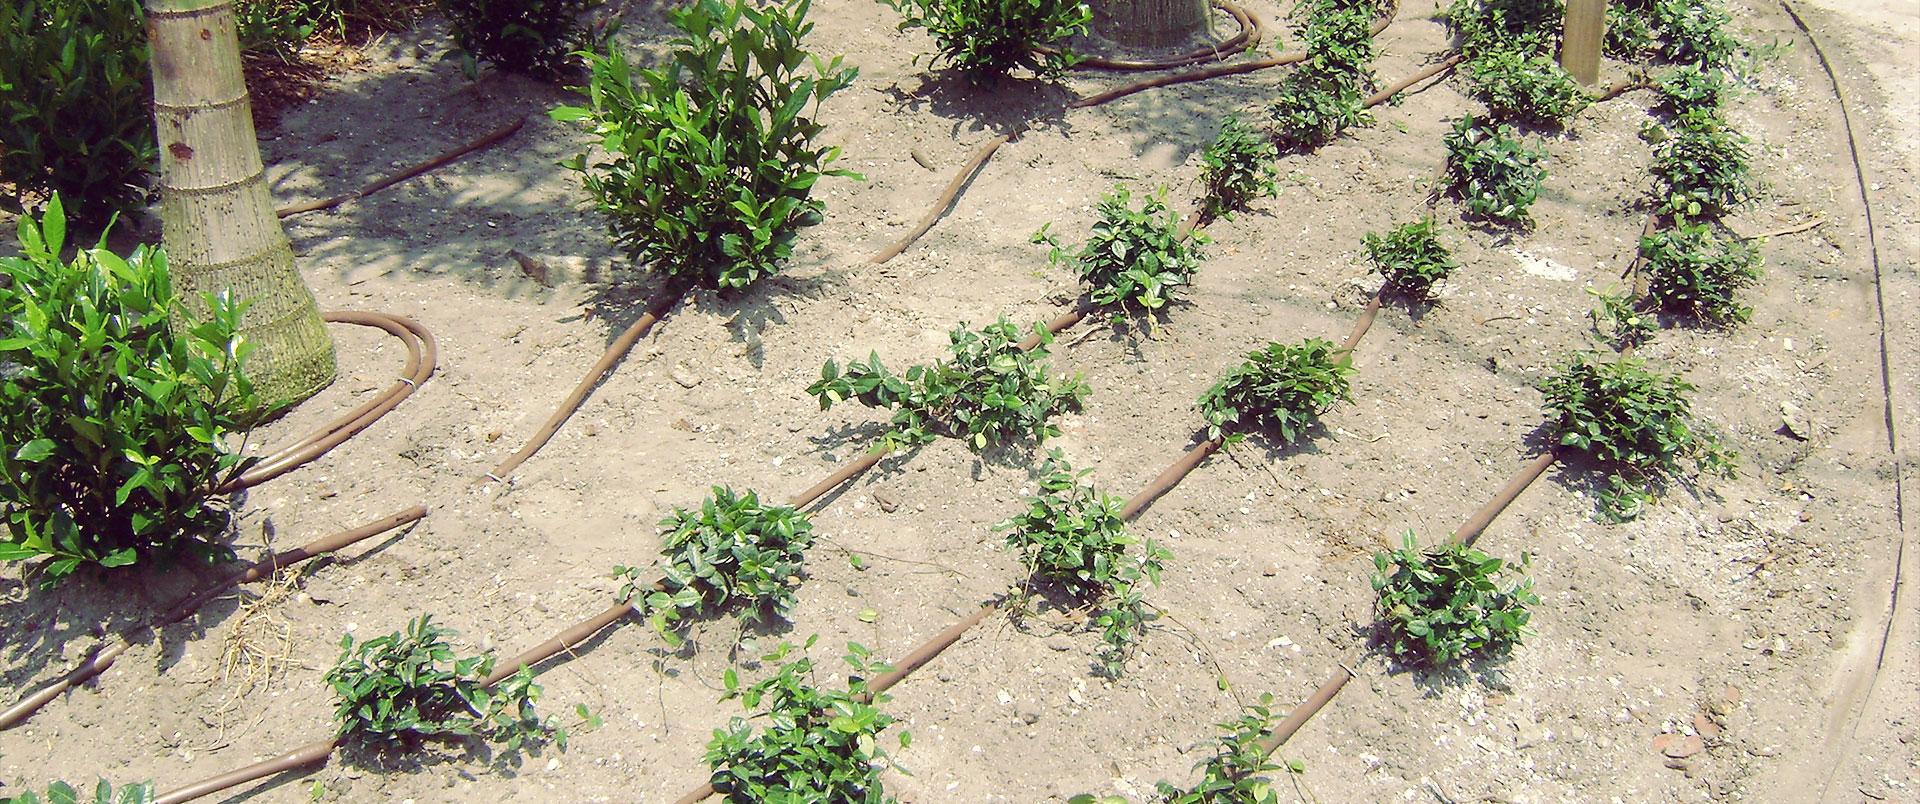 Irrigation Design & Requirements, Sherman Oaks landscape designer